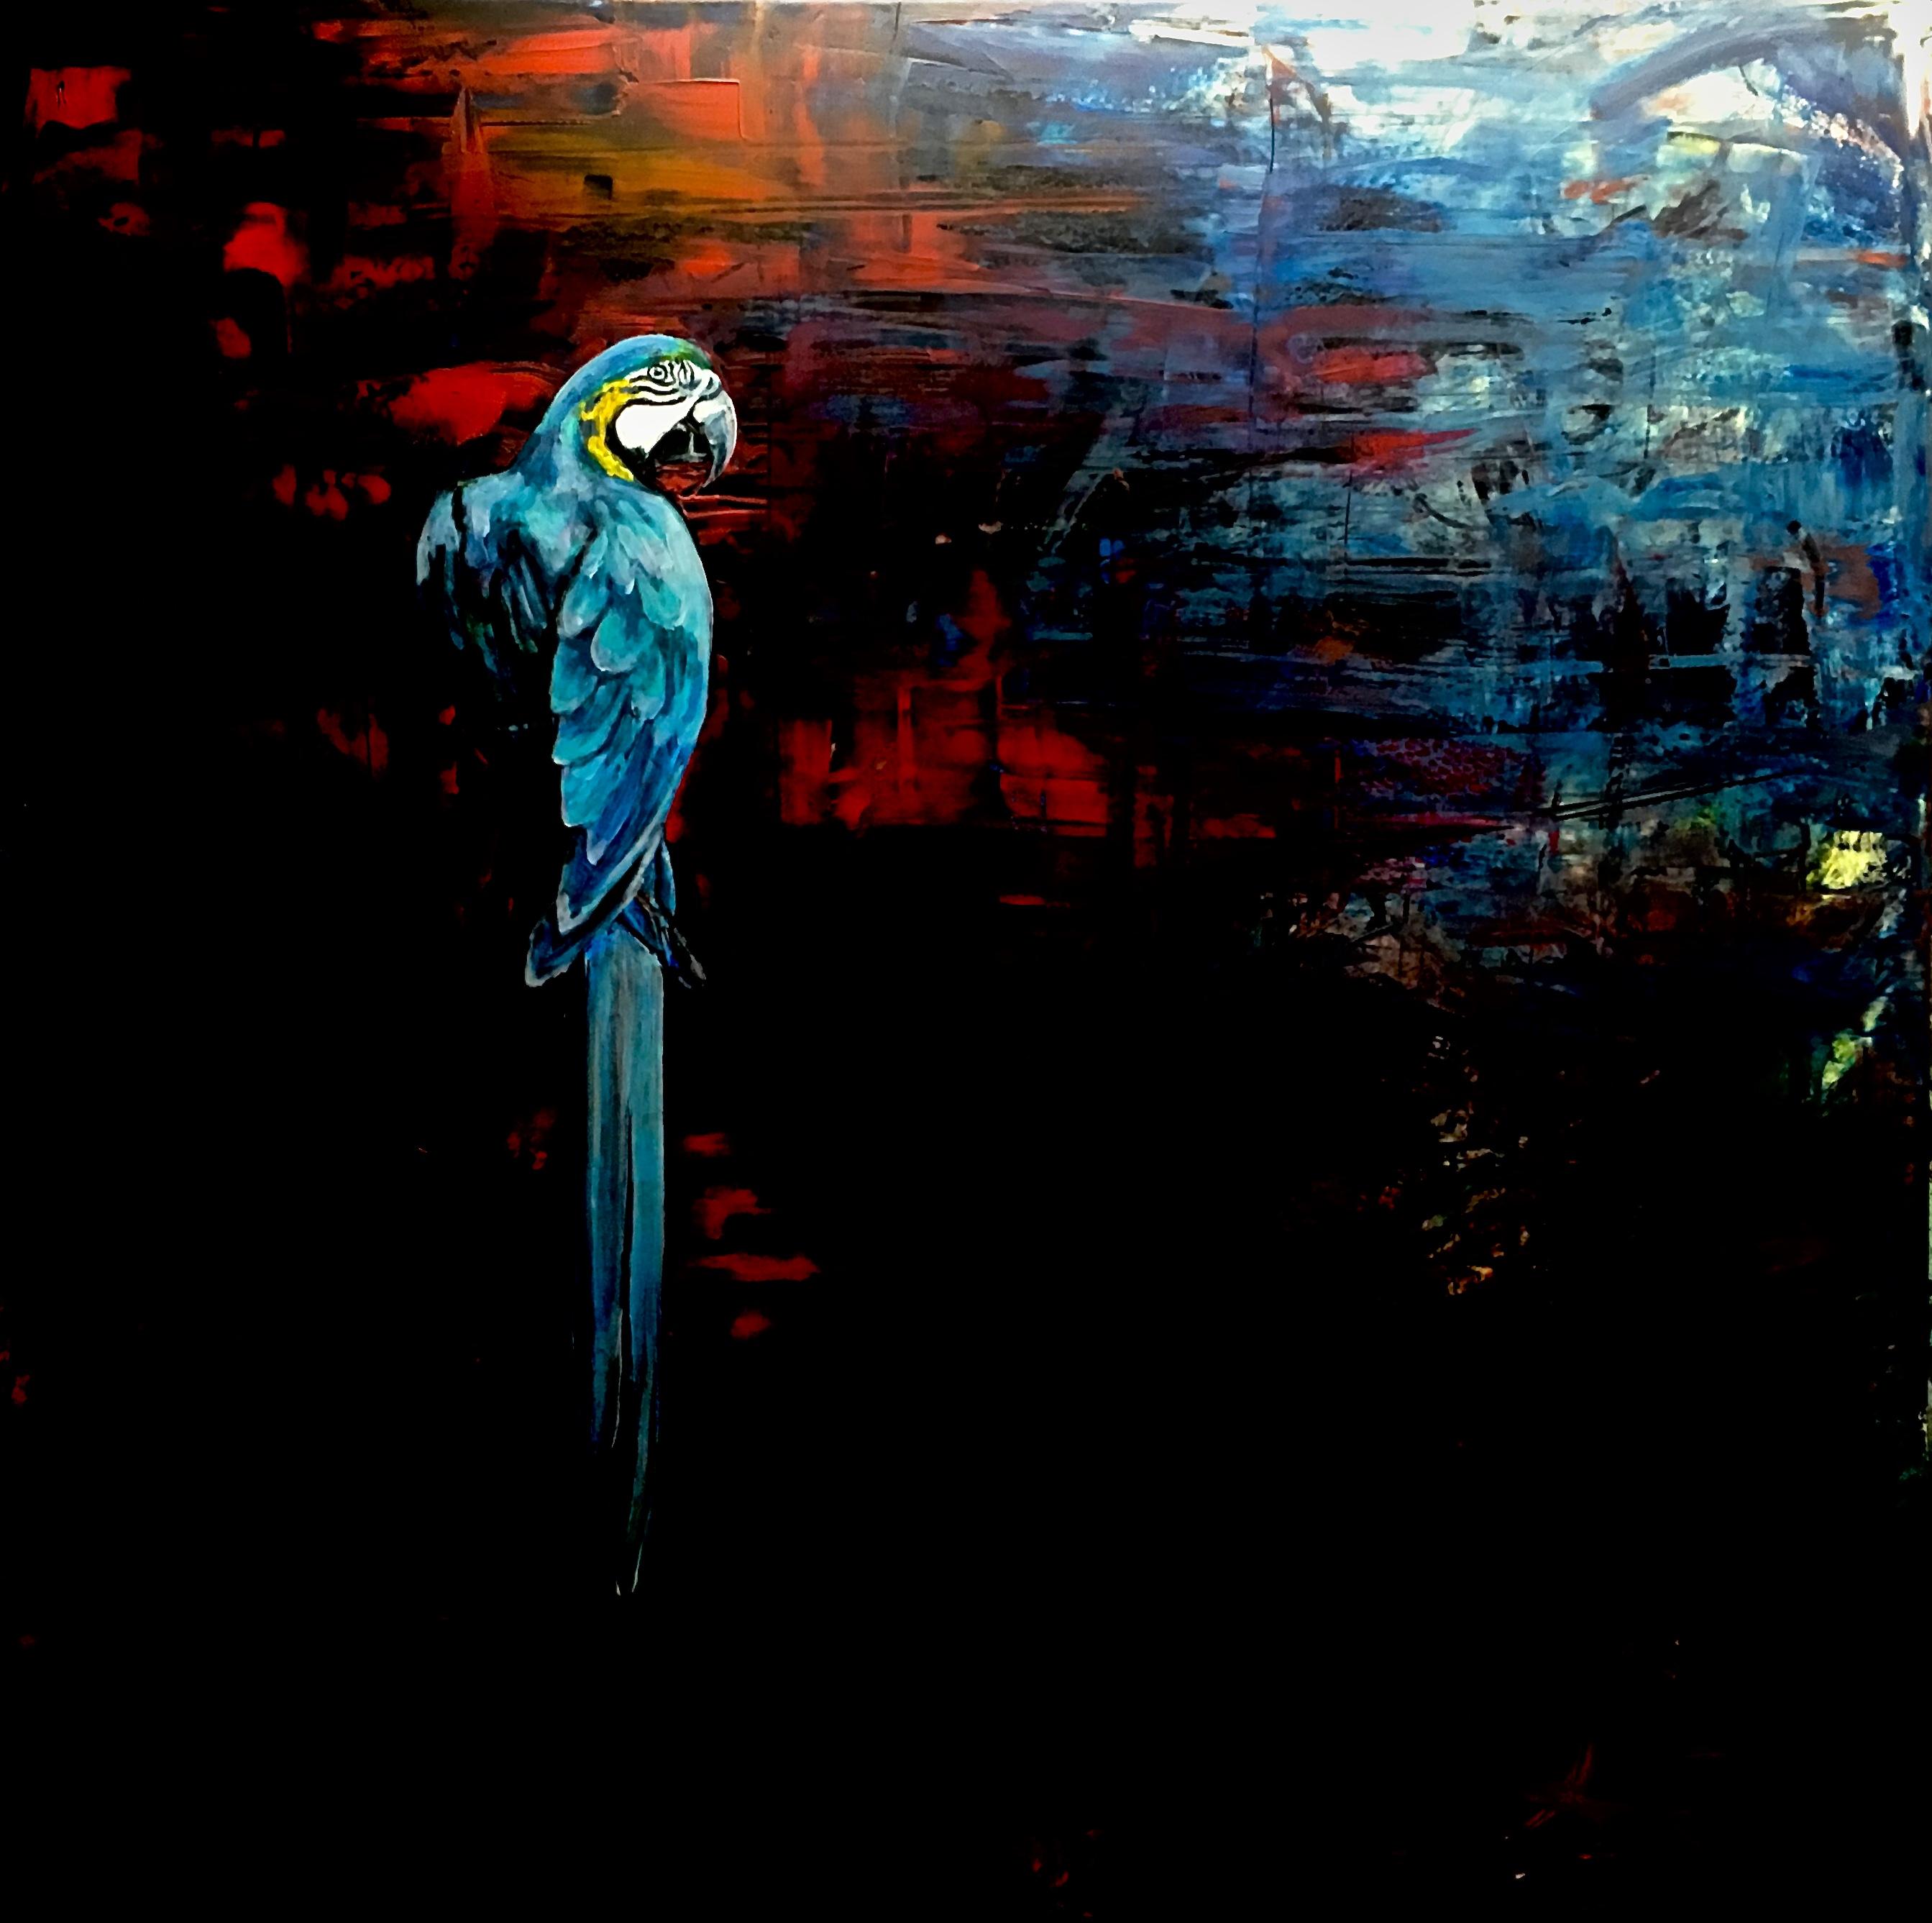 Parrots' void